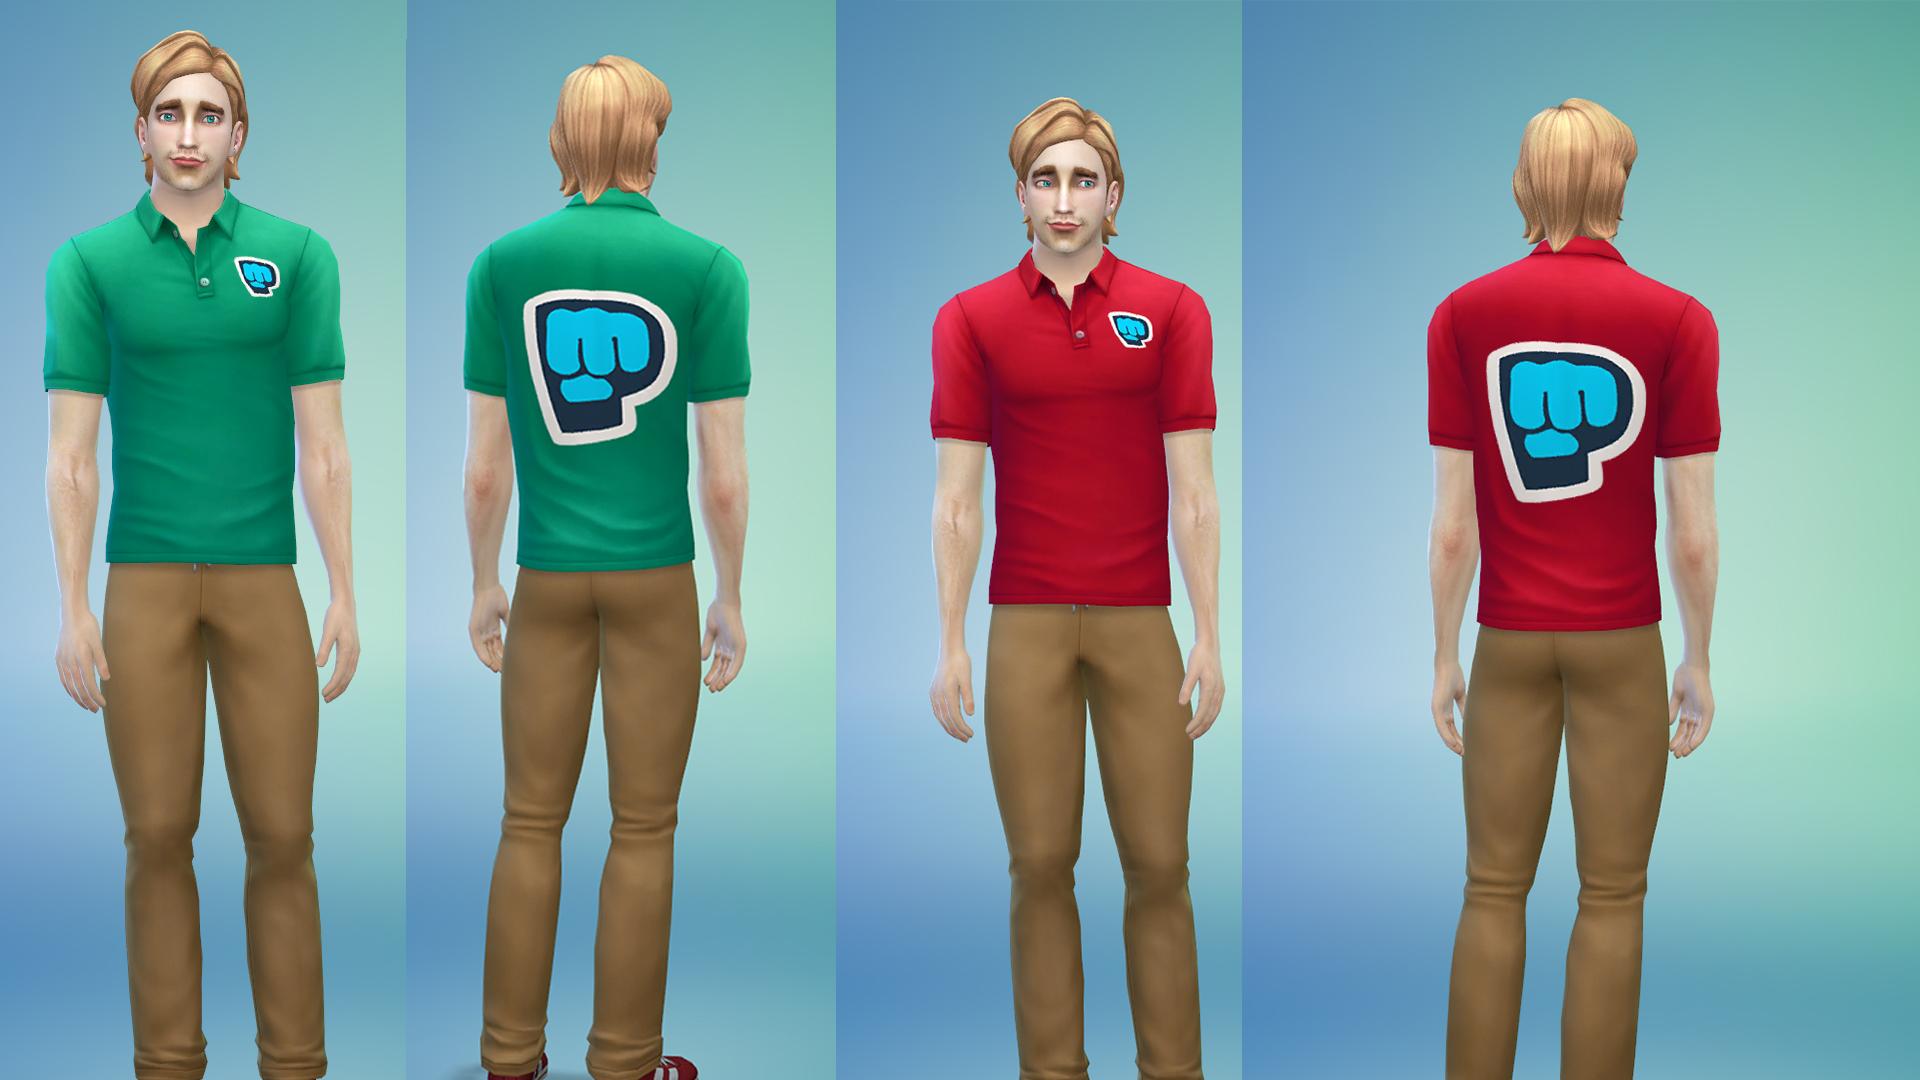 Pewdiepie Bro-fist Logo Tshirts- Blood Red